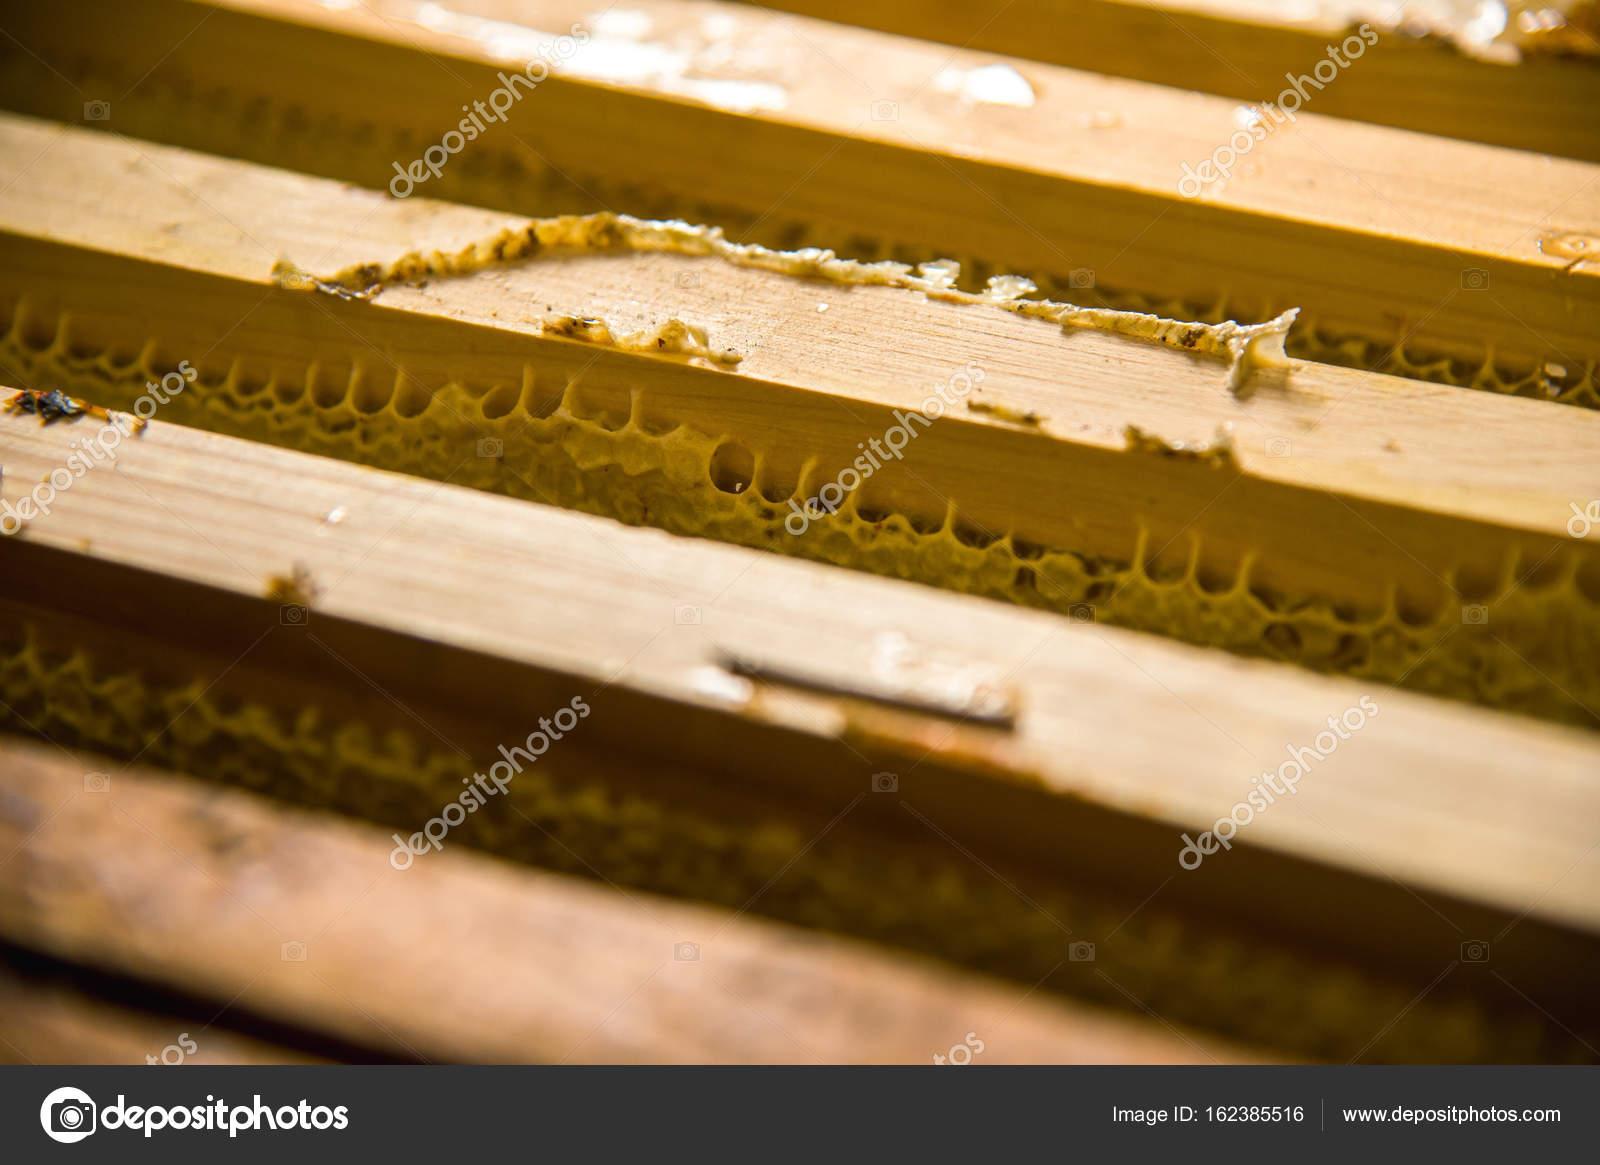 Marcos en el cual es almacenado miel fresco inacabado en panales ...